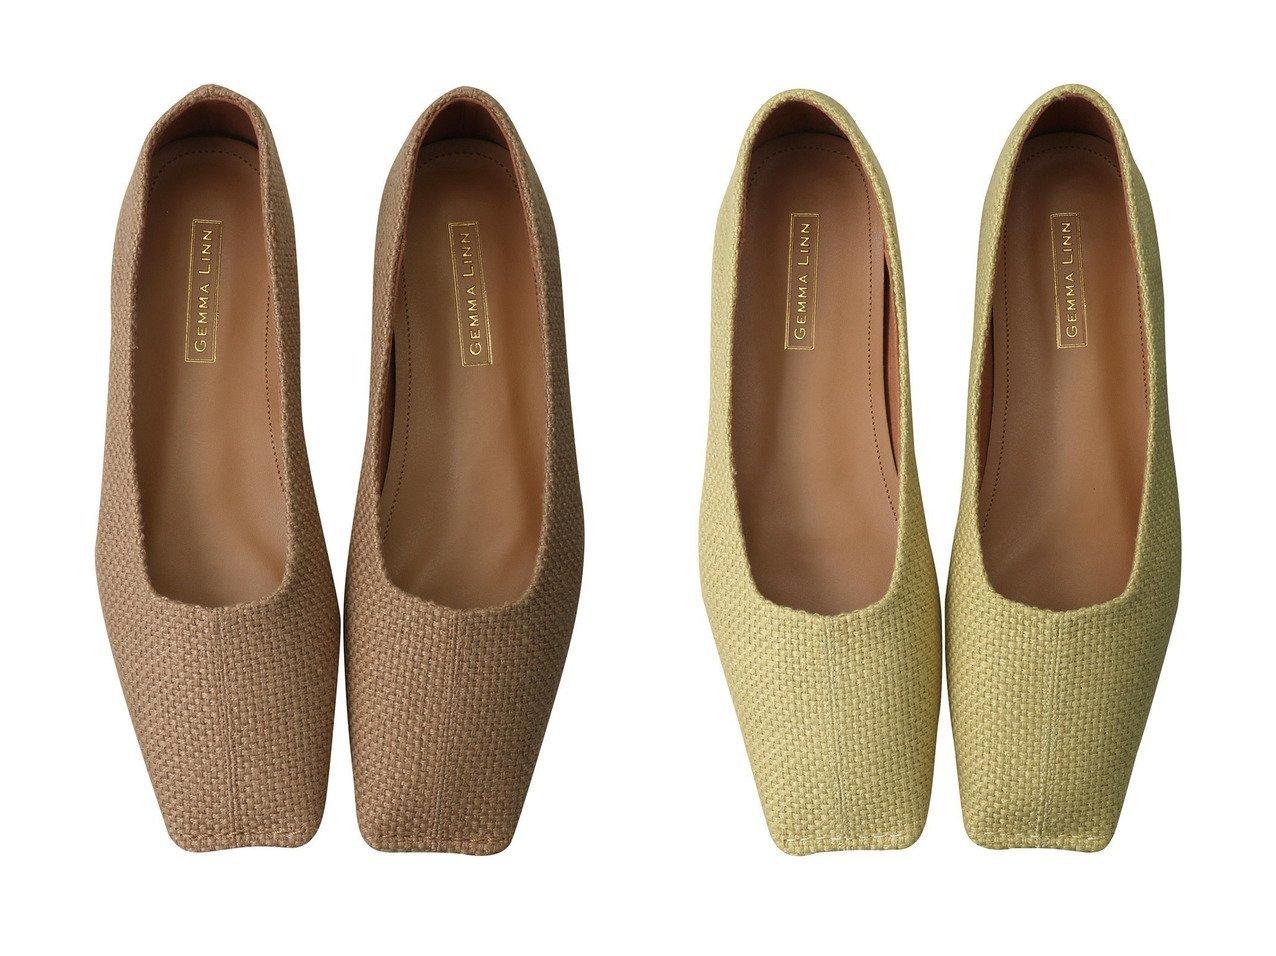 【Daniella & GEMMA/ダニエラ アンド ジェマ】のトゥステッチスクエアカットフラットシューズ 【シューズ・靴】おすすめ!人気、トレンド・レディースファッションの通販 おすすめで人気の流行・トレンド、ファッションの通販商品 インテリア・家具・メンズファッション・キッズファッション・レディースファッション・服の通販 founy(ファニー) https://founy.com/ ファッション Fashion レディースファッション WOMEN シューズ シンプル フラット |ID:crp329100000047552